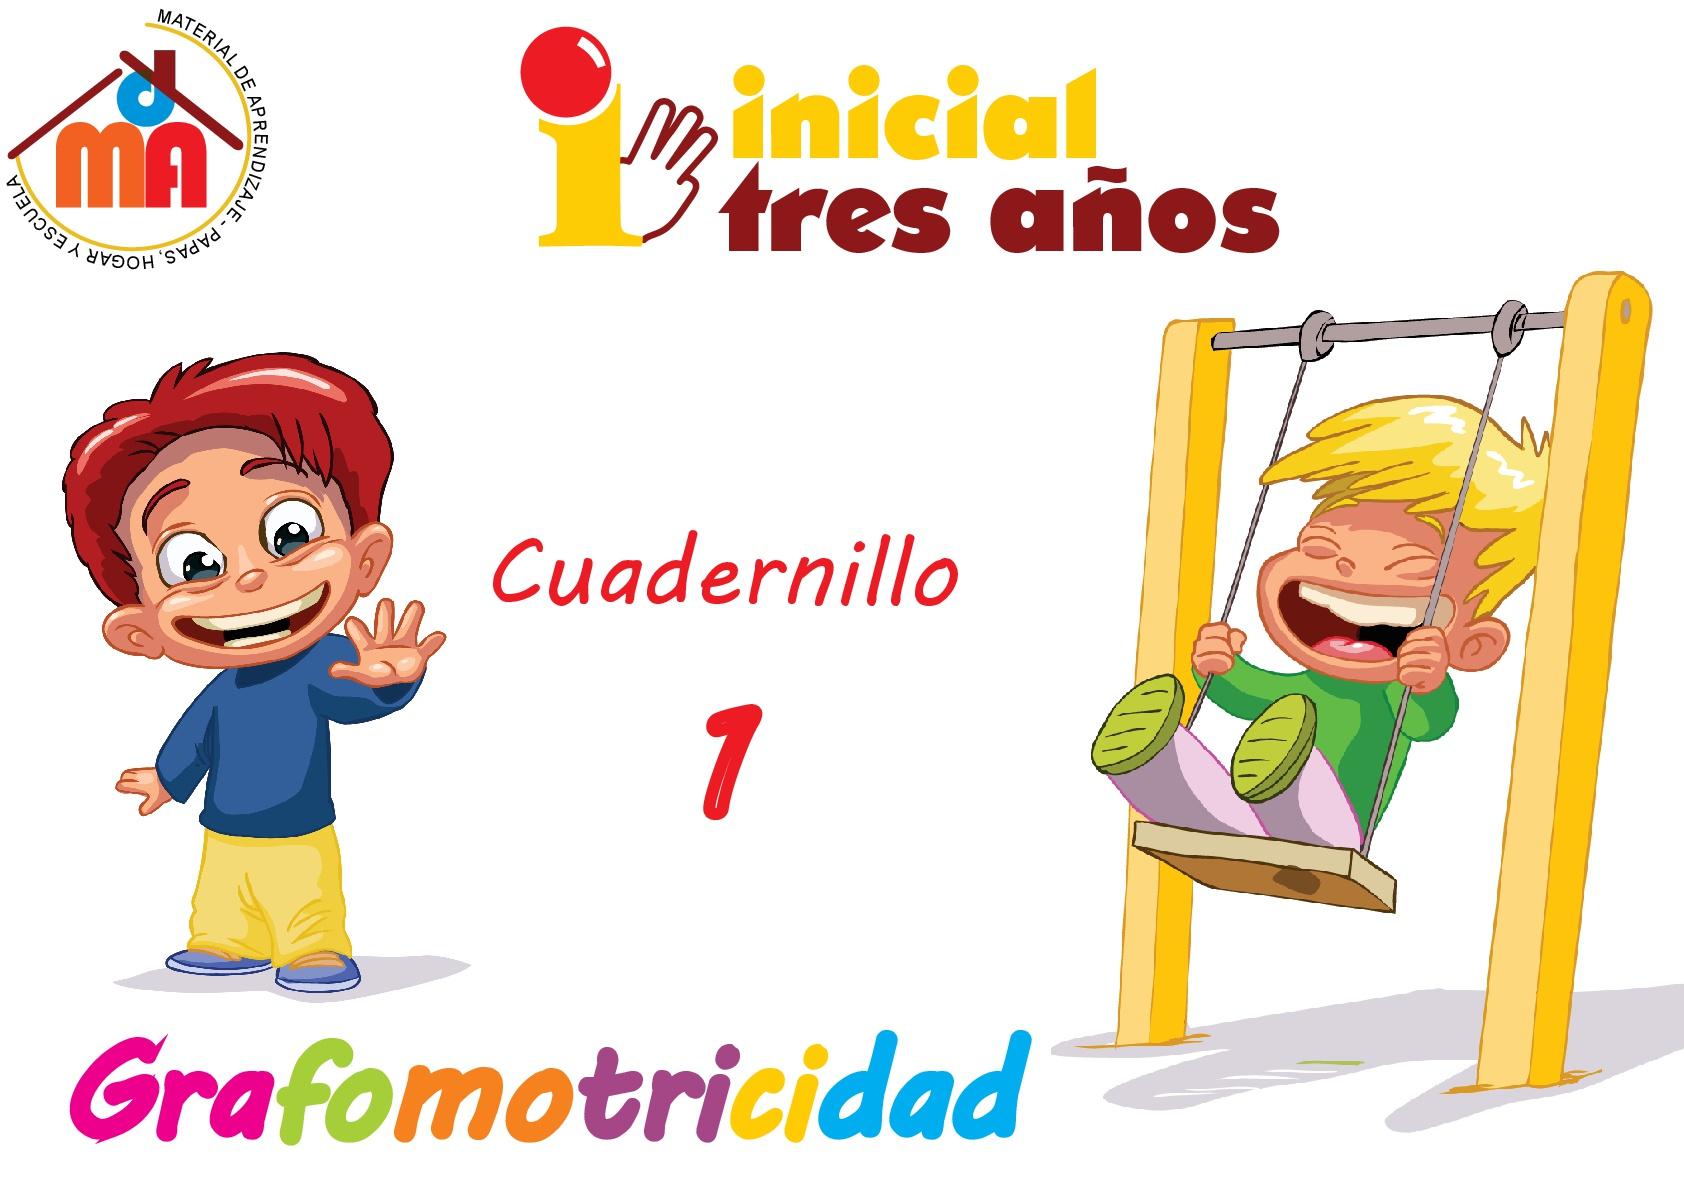 cuadernillo-1-grafomotricidad-infantil-1